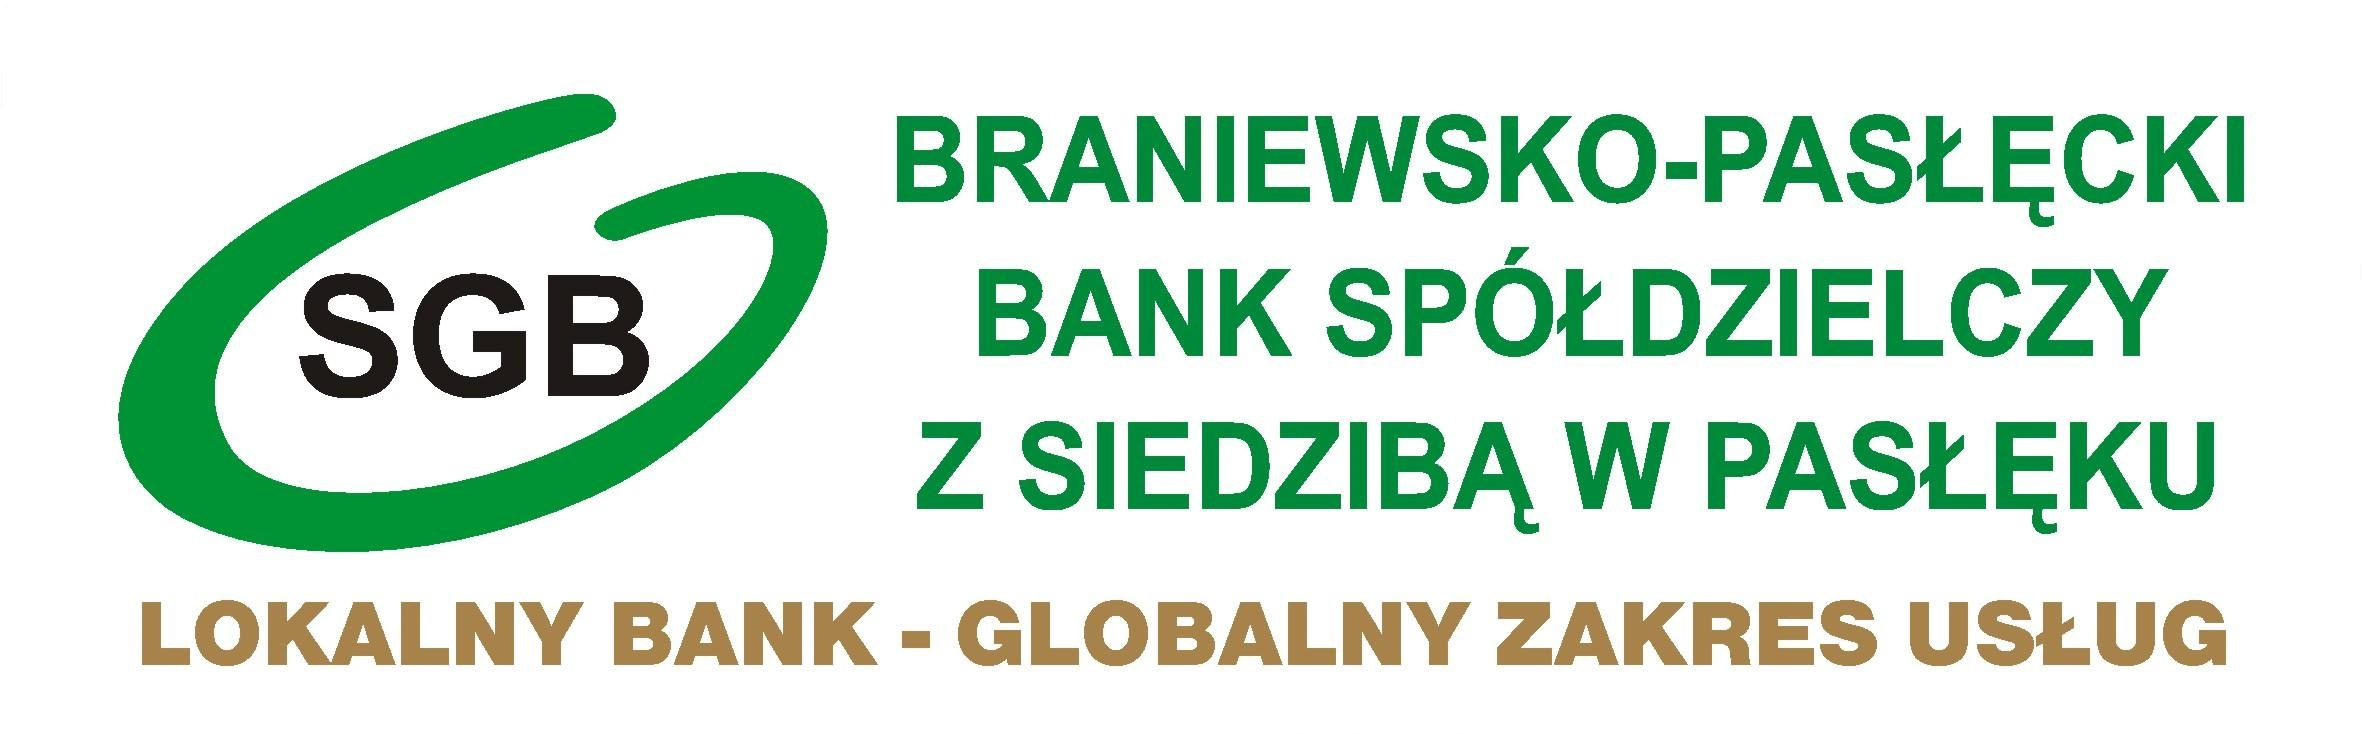 Konto ATUT - Braniewsko-Pasłęcki Bank Spółdzielczy z siedzibą w Pasłęku